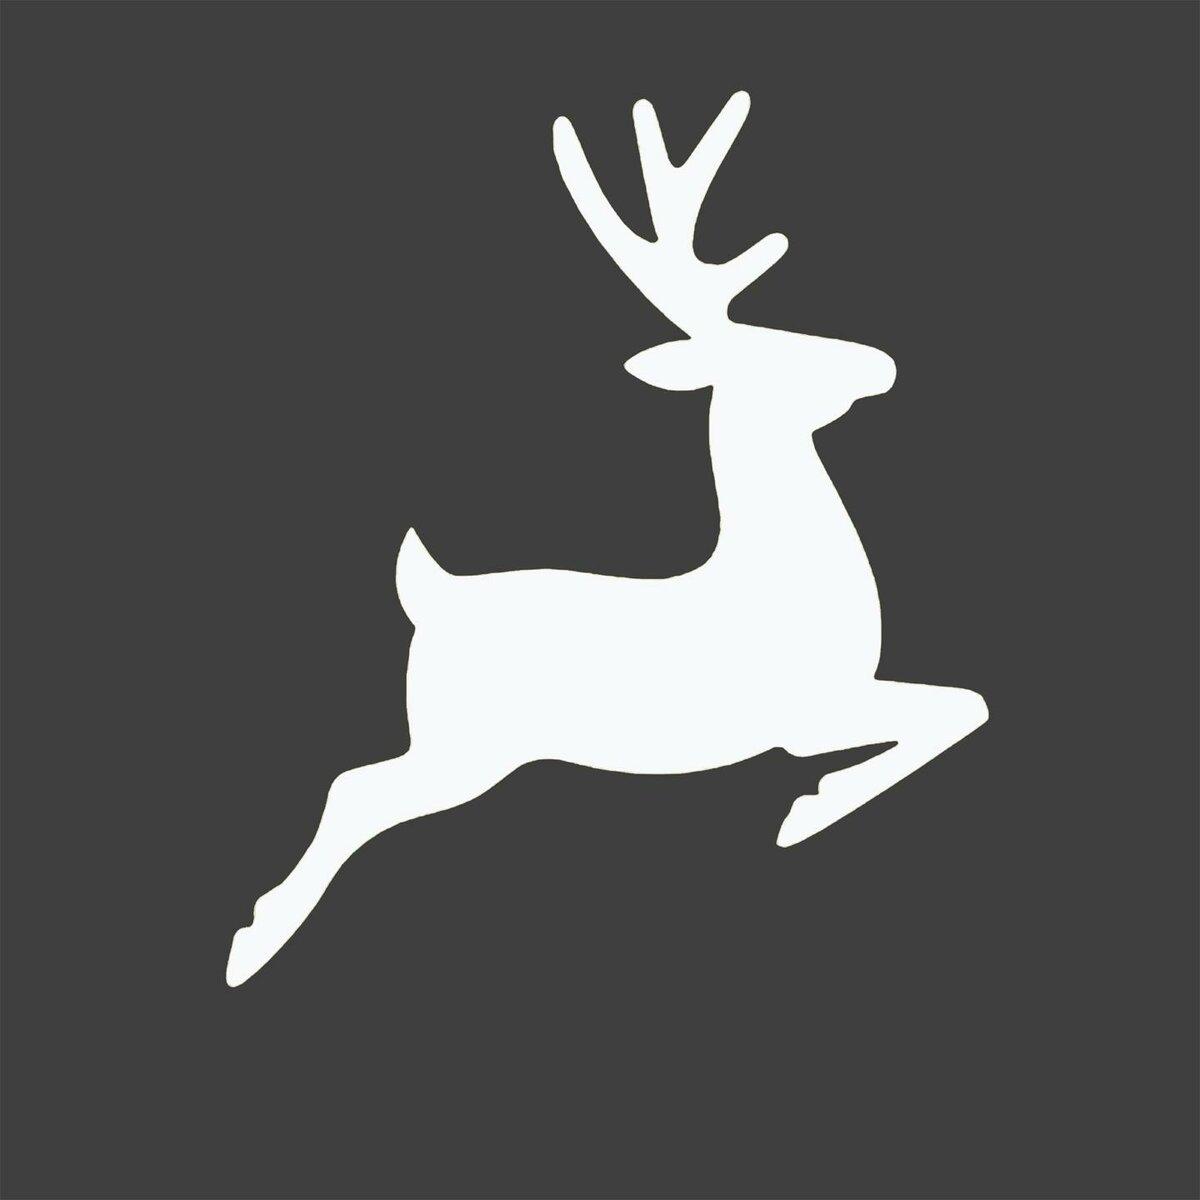 образом, картинки на стекло новый год олени рябинушке есть